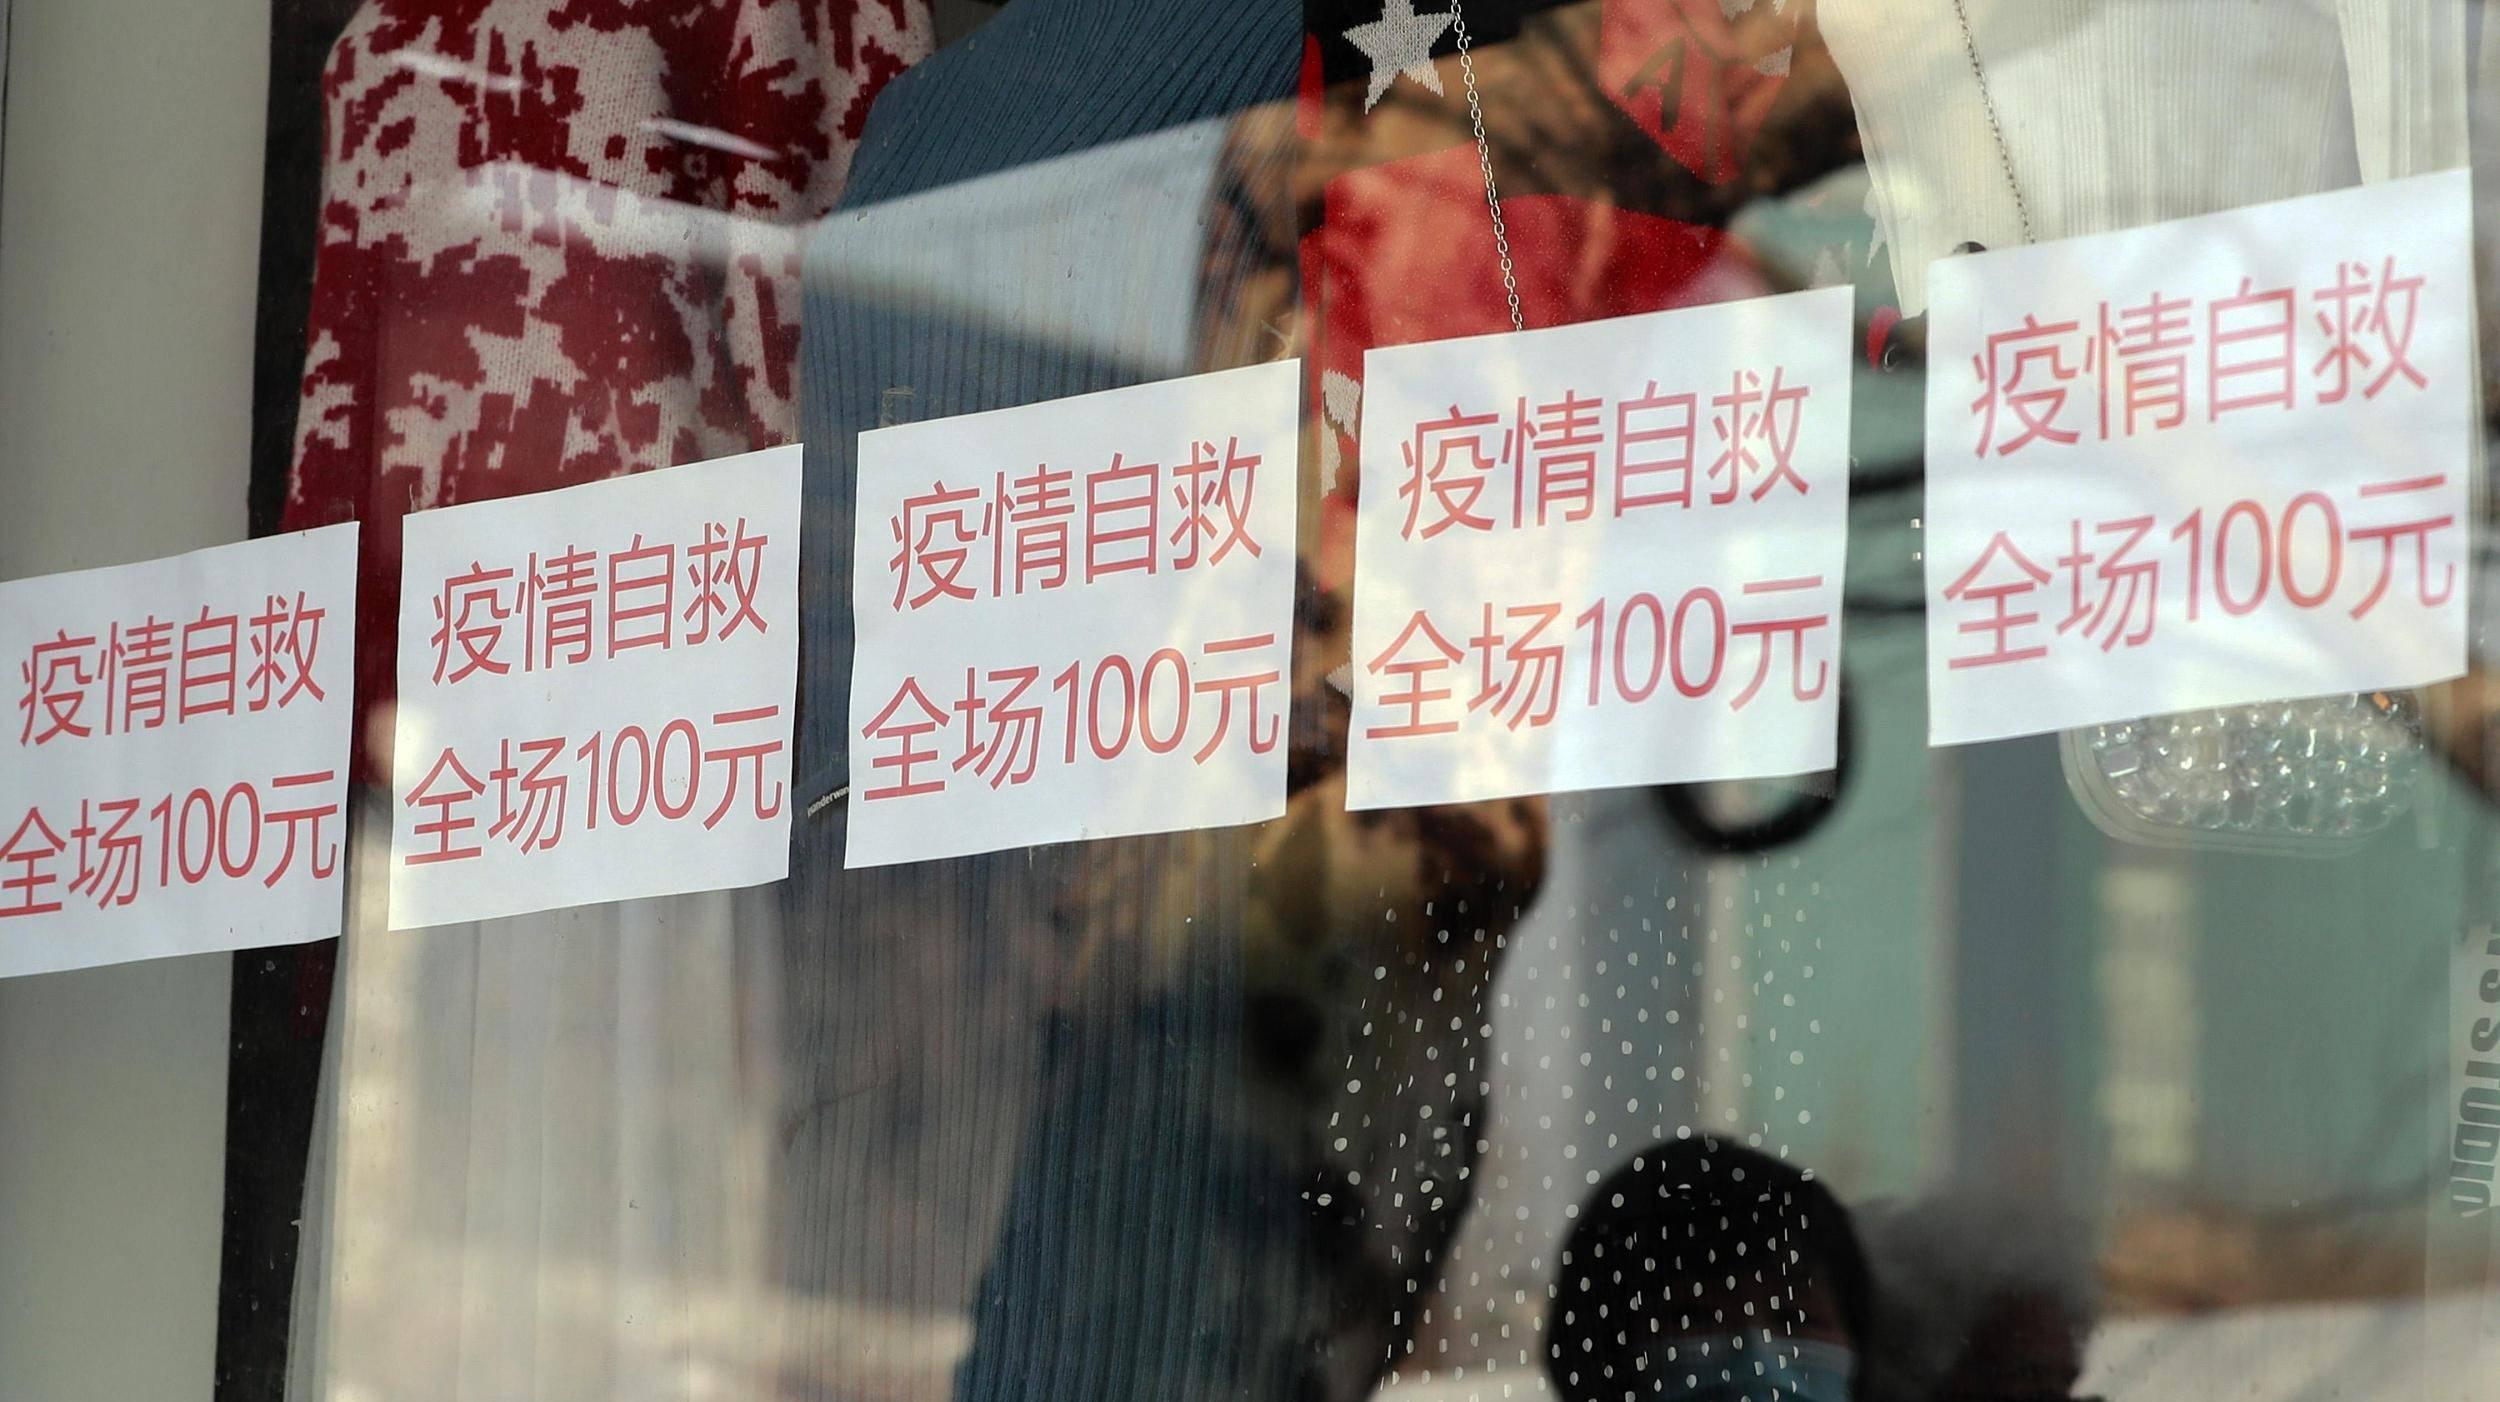 上流、中产、底层,中国人的花式自救有多野?